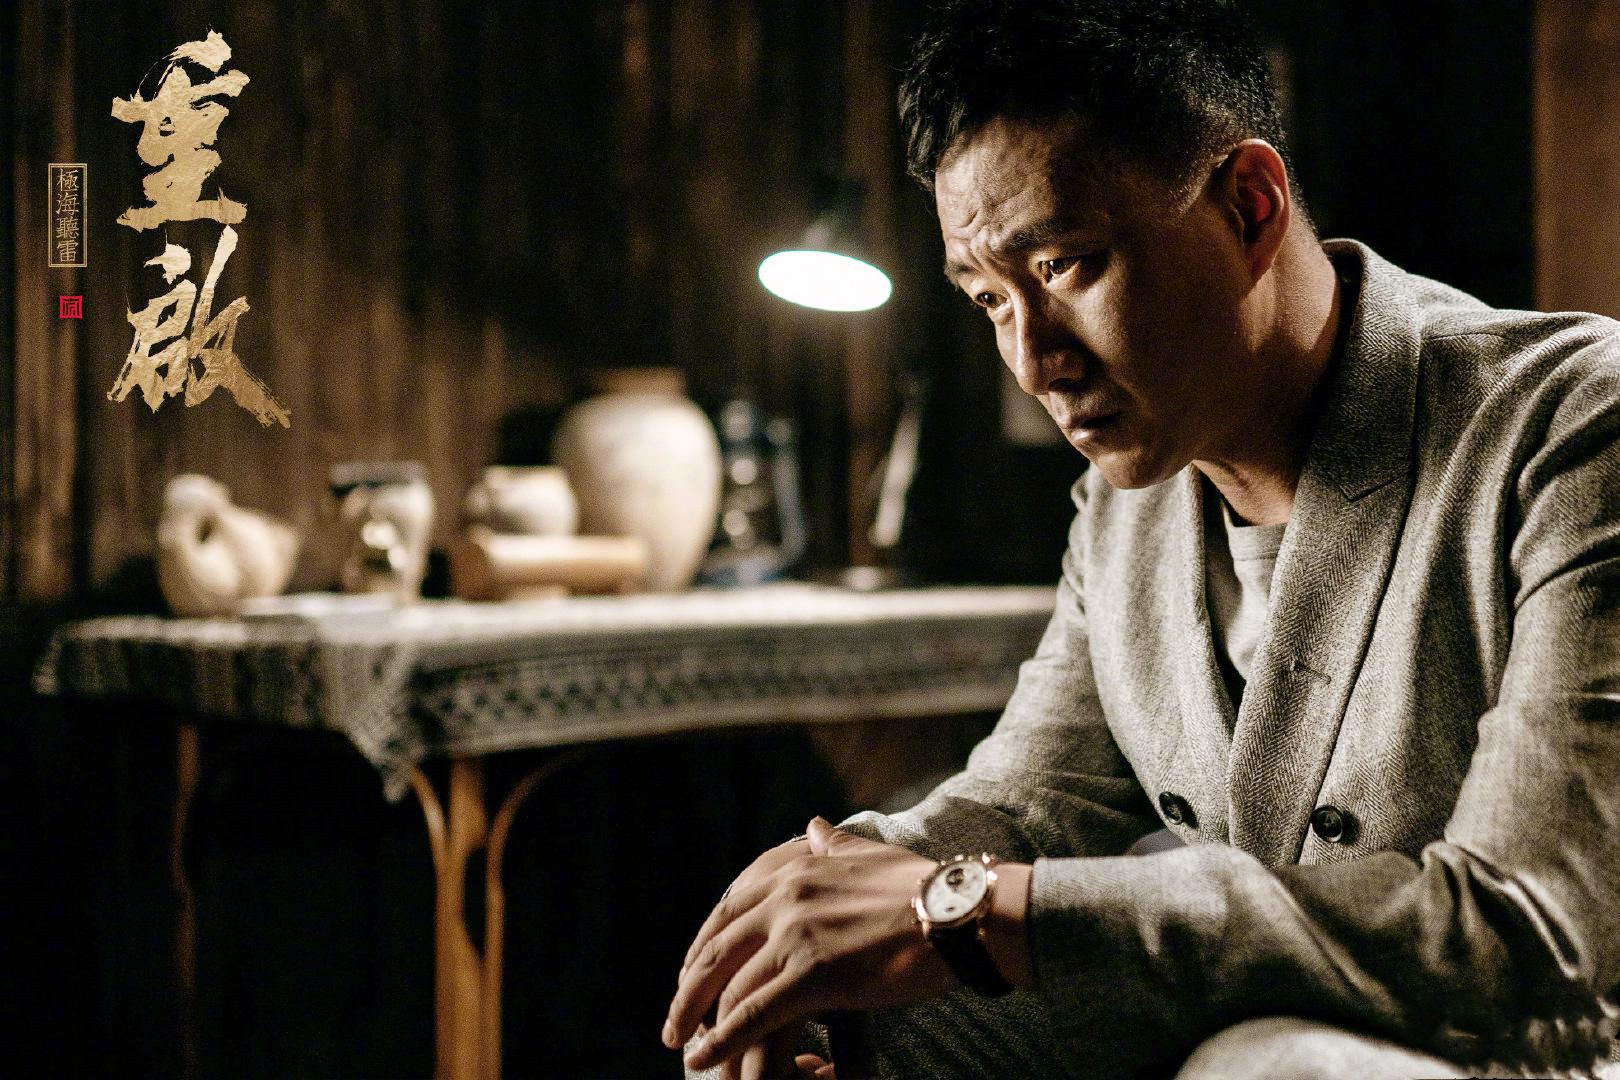 胡军饰演的二叔吴二白在《重启》里是个重要的决策人物